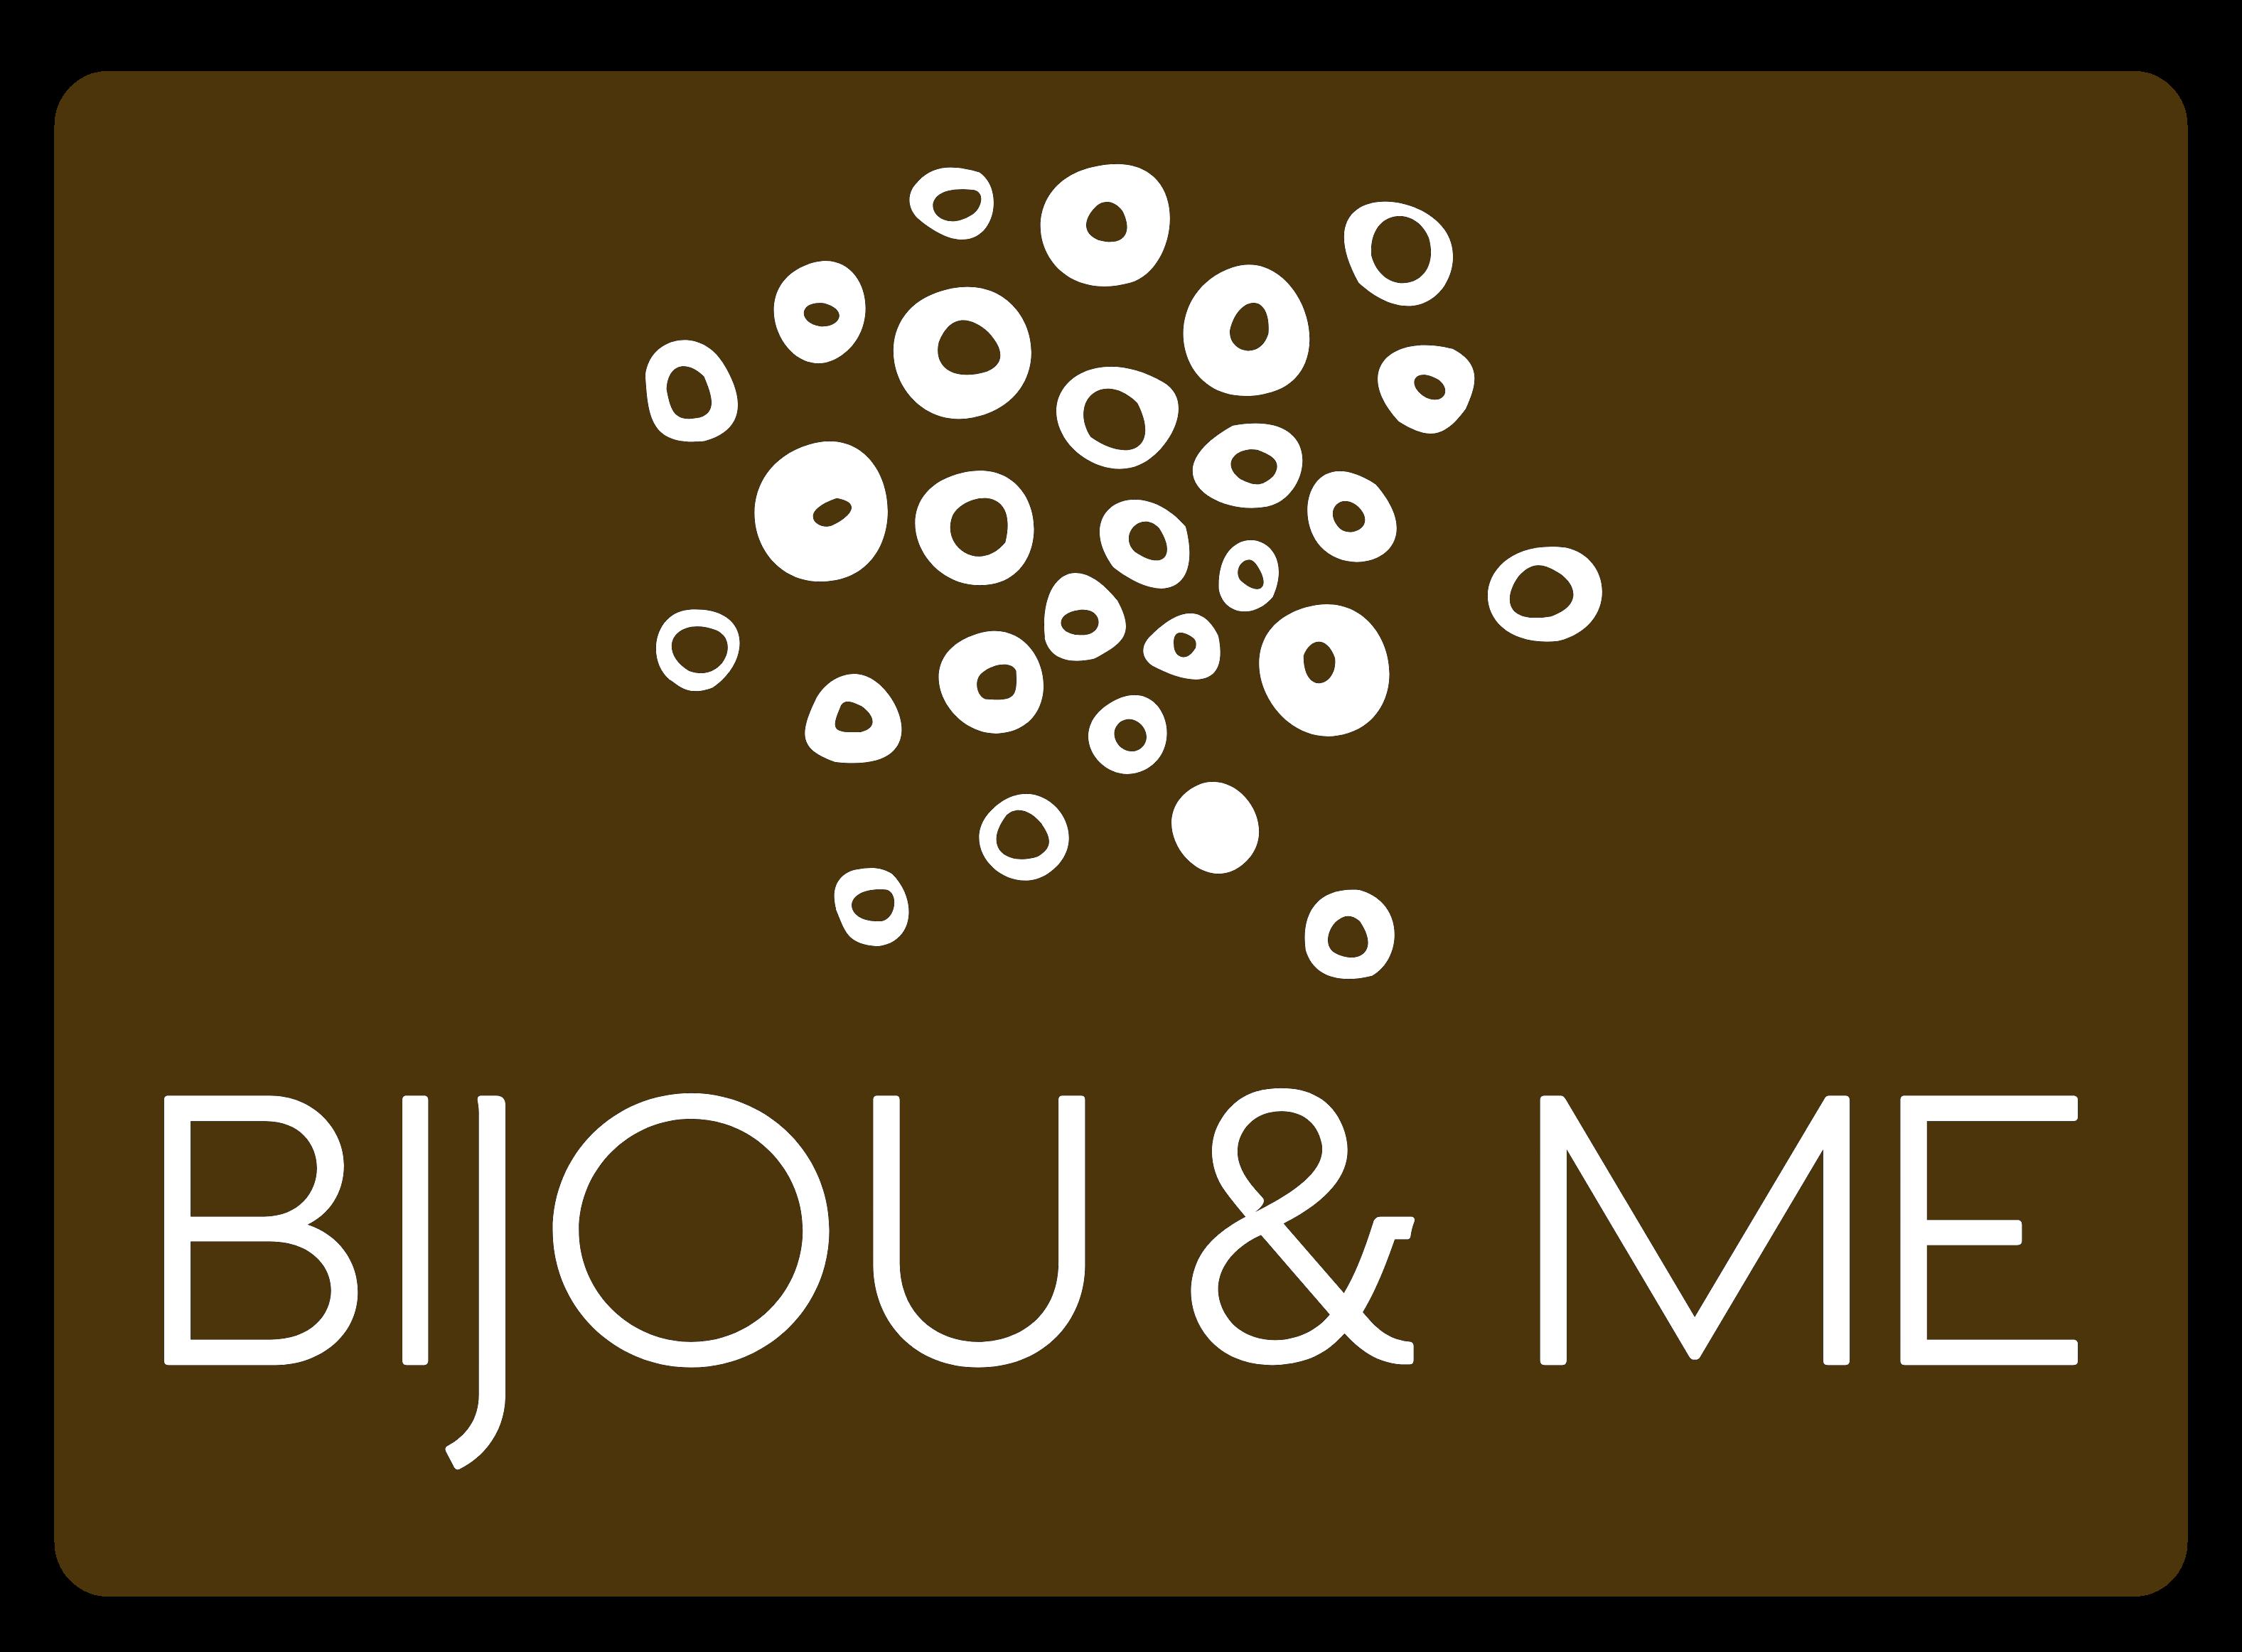 Bijou & Me